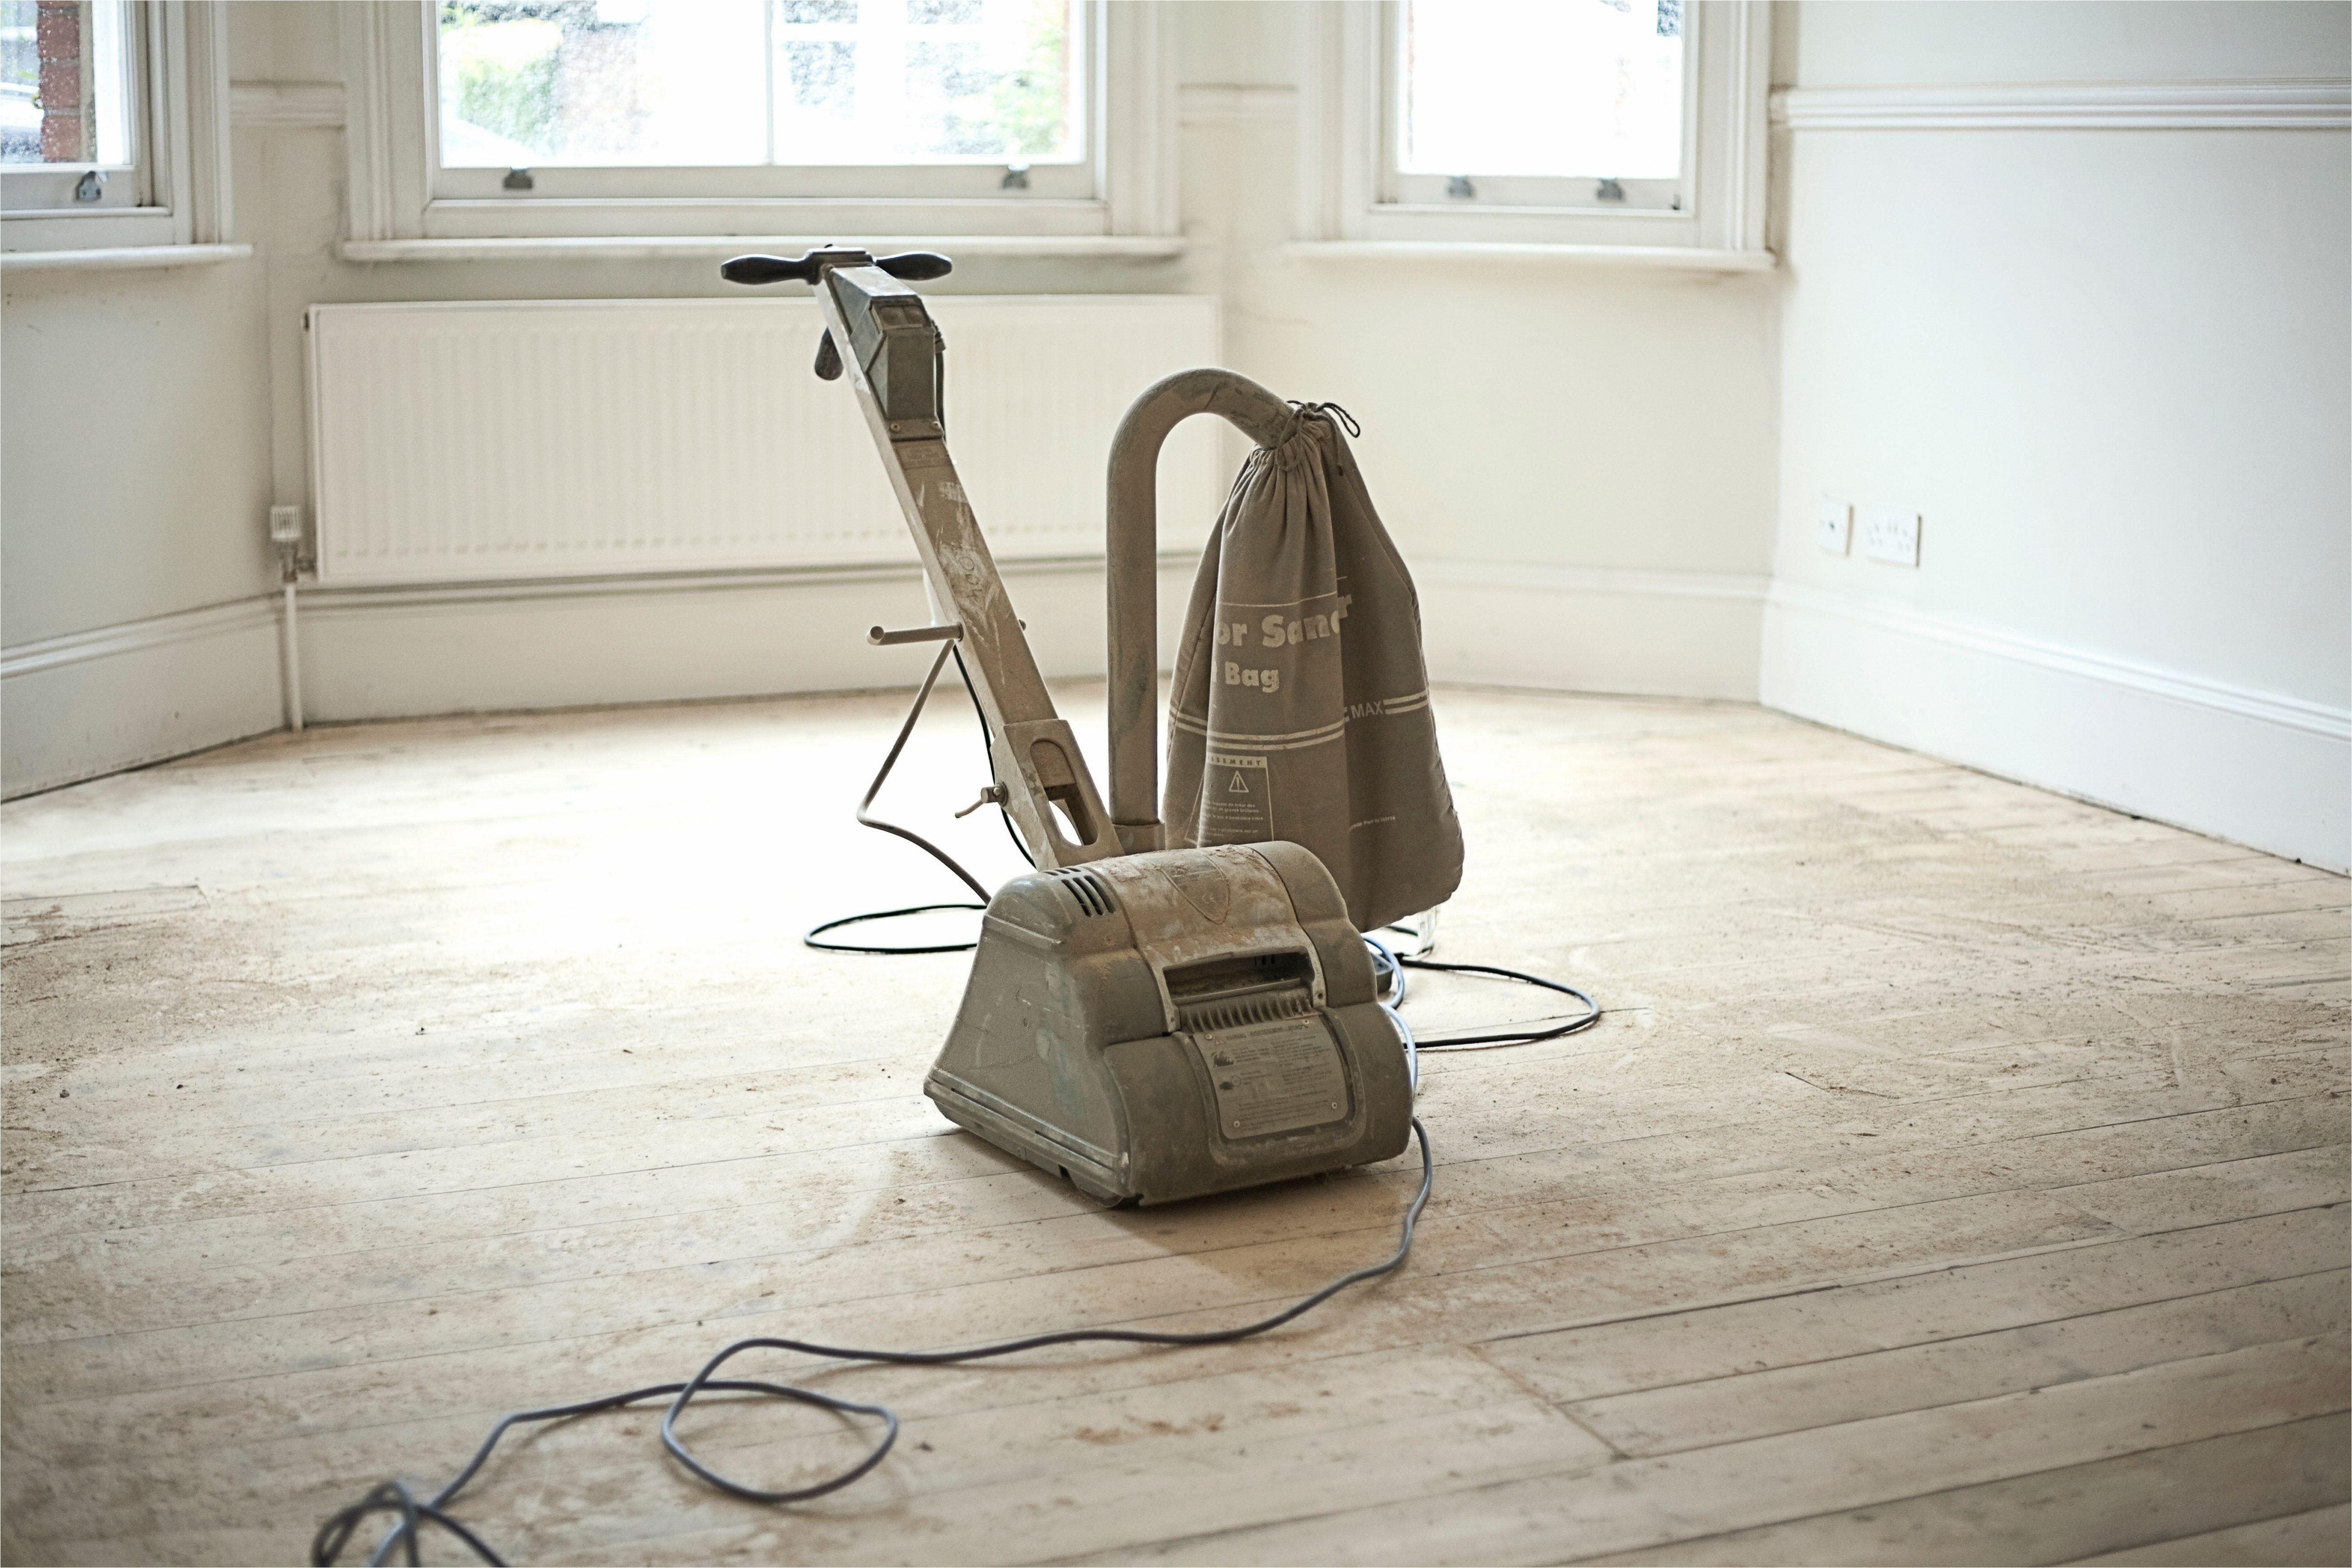 Floor Stripping Machine Rental Floor Sanders to Rent when Finishing Your Wood Floor